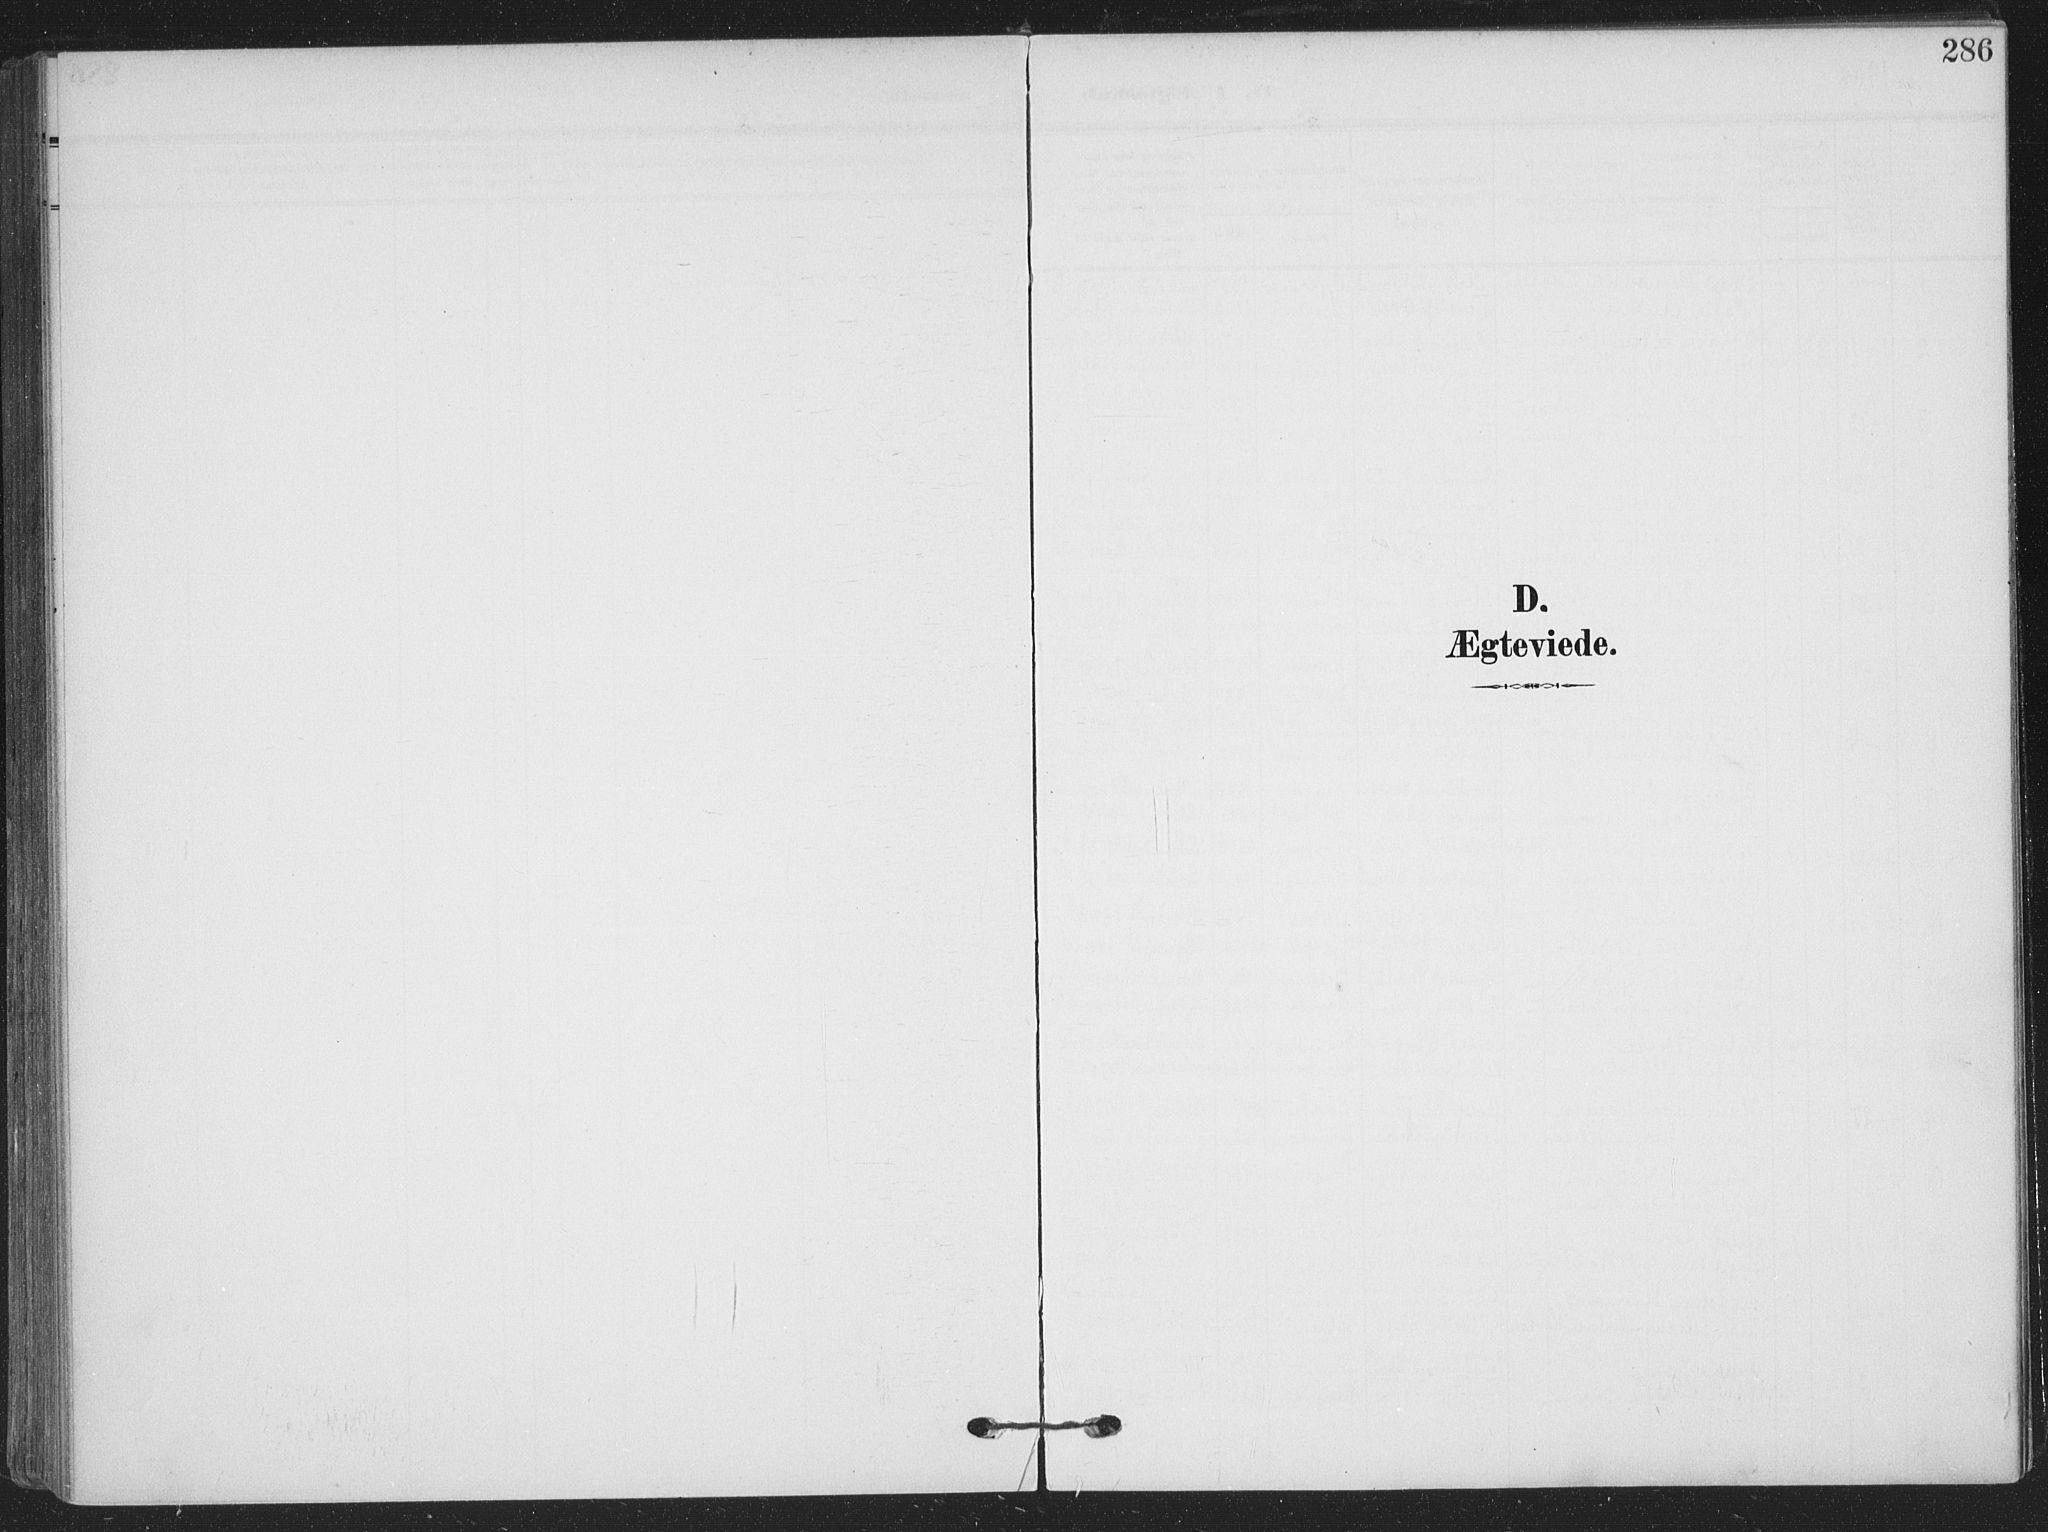 SAKO, Skien kirkebøker, F/Fa/L0012: Ministerialbok nr. 12, 1908-1914, s. 286